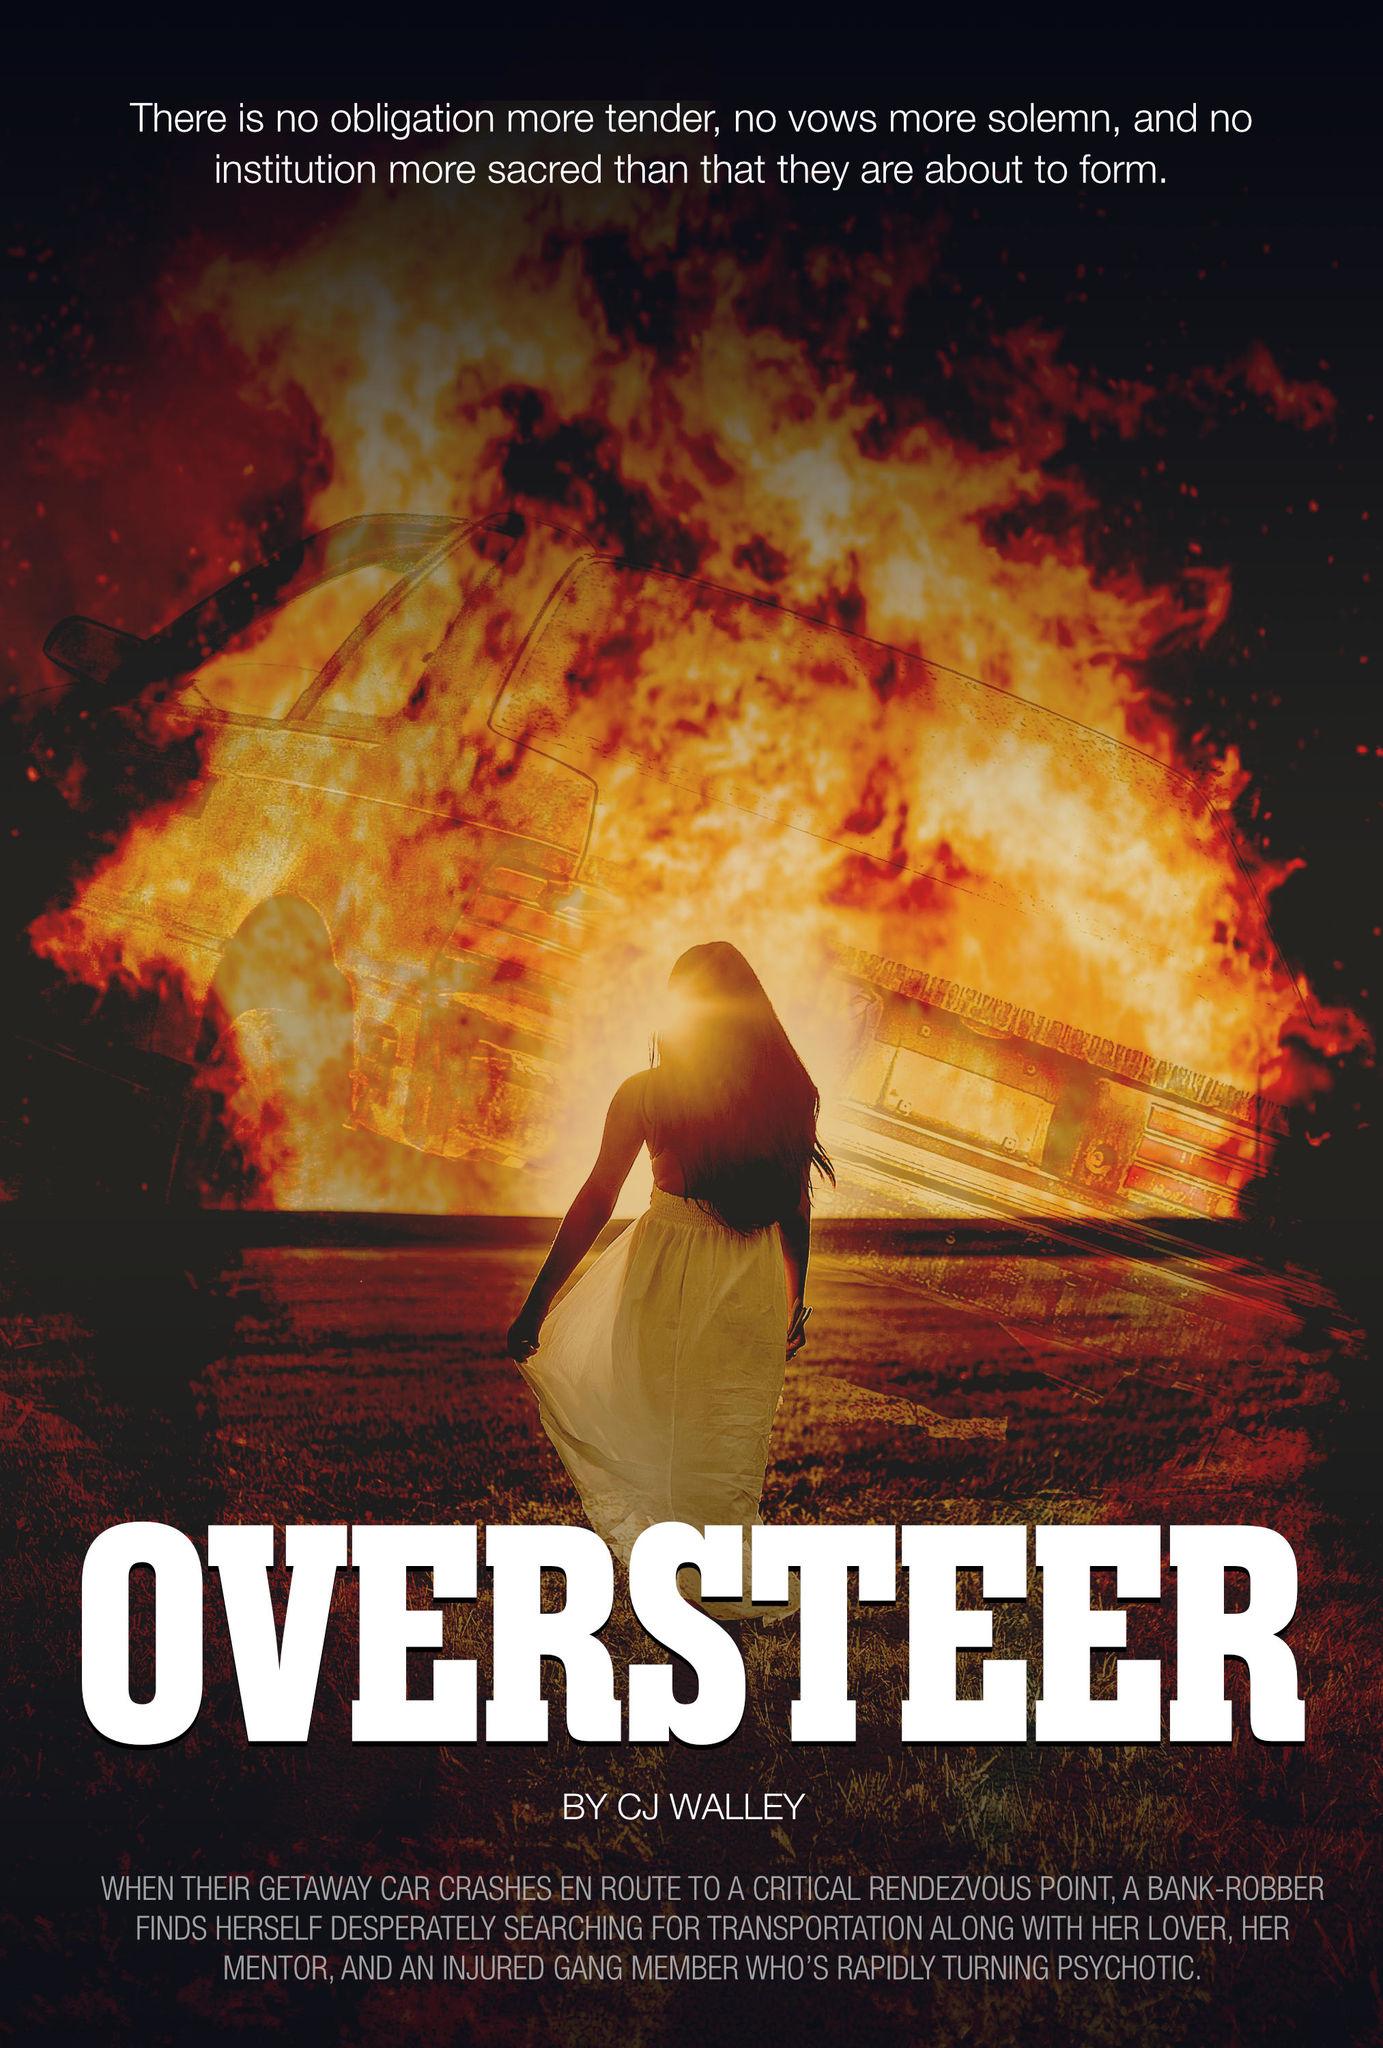 OVERSTEER